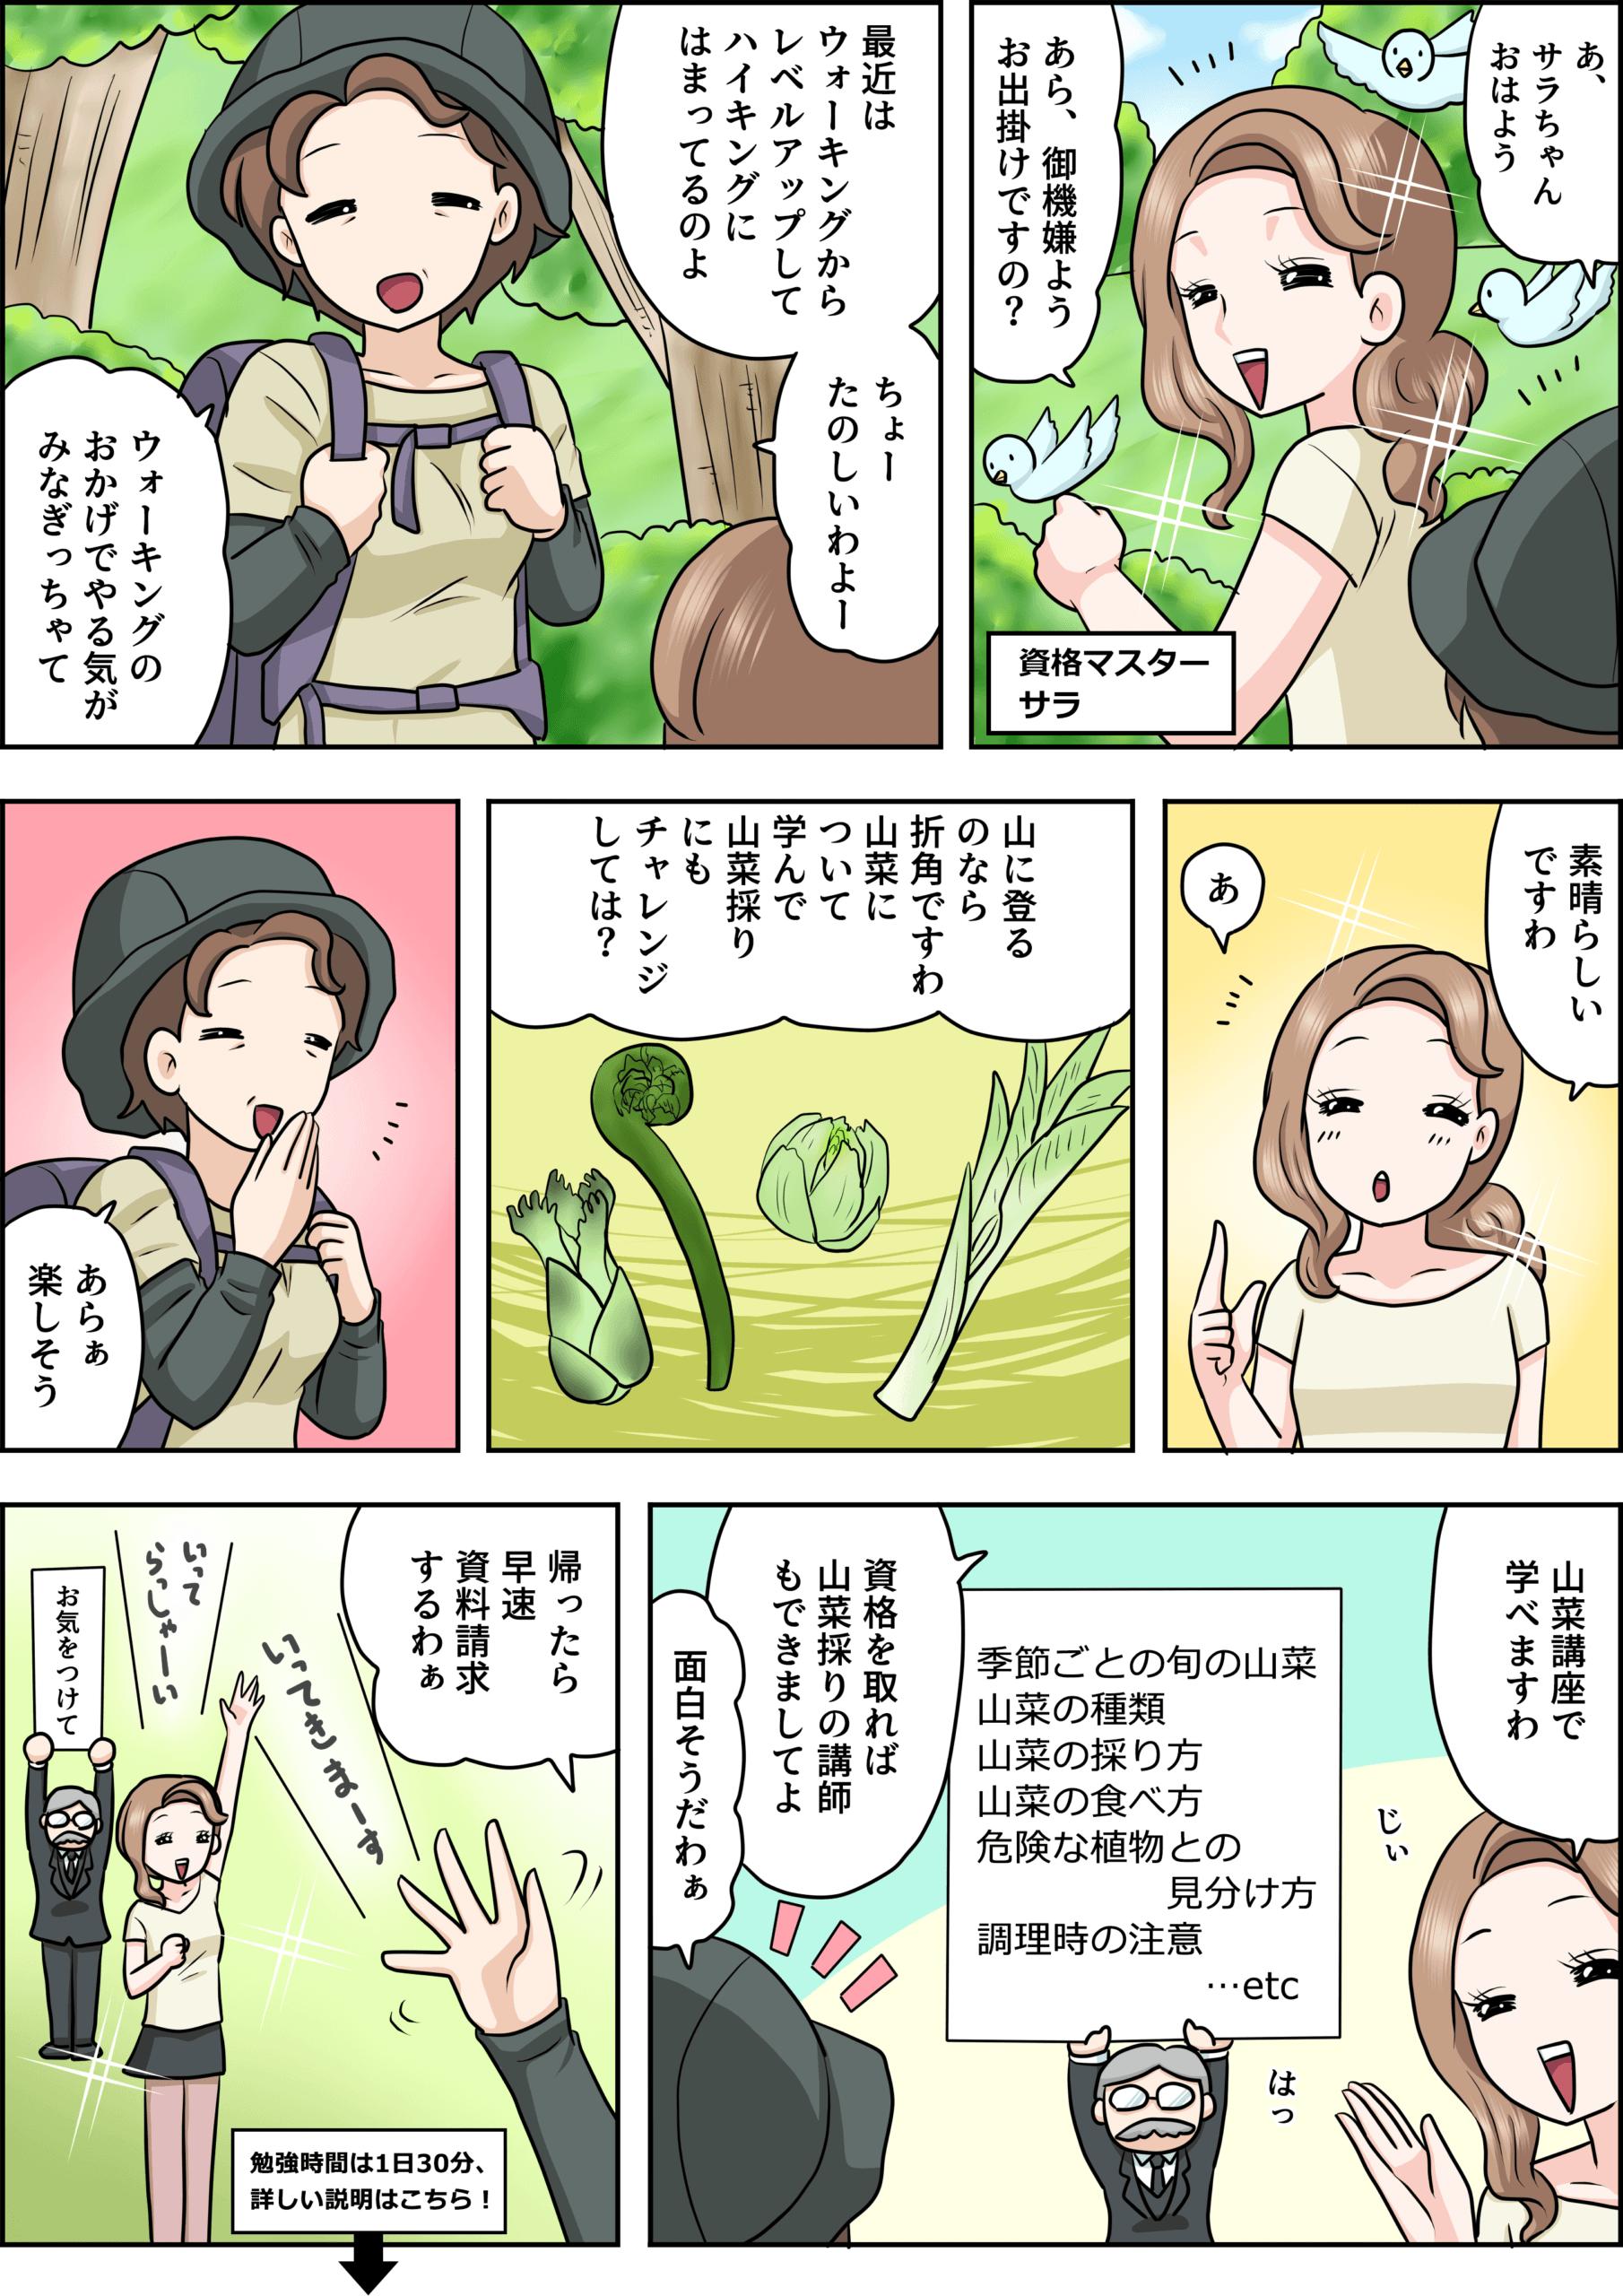 山菜の漫画